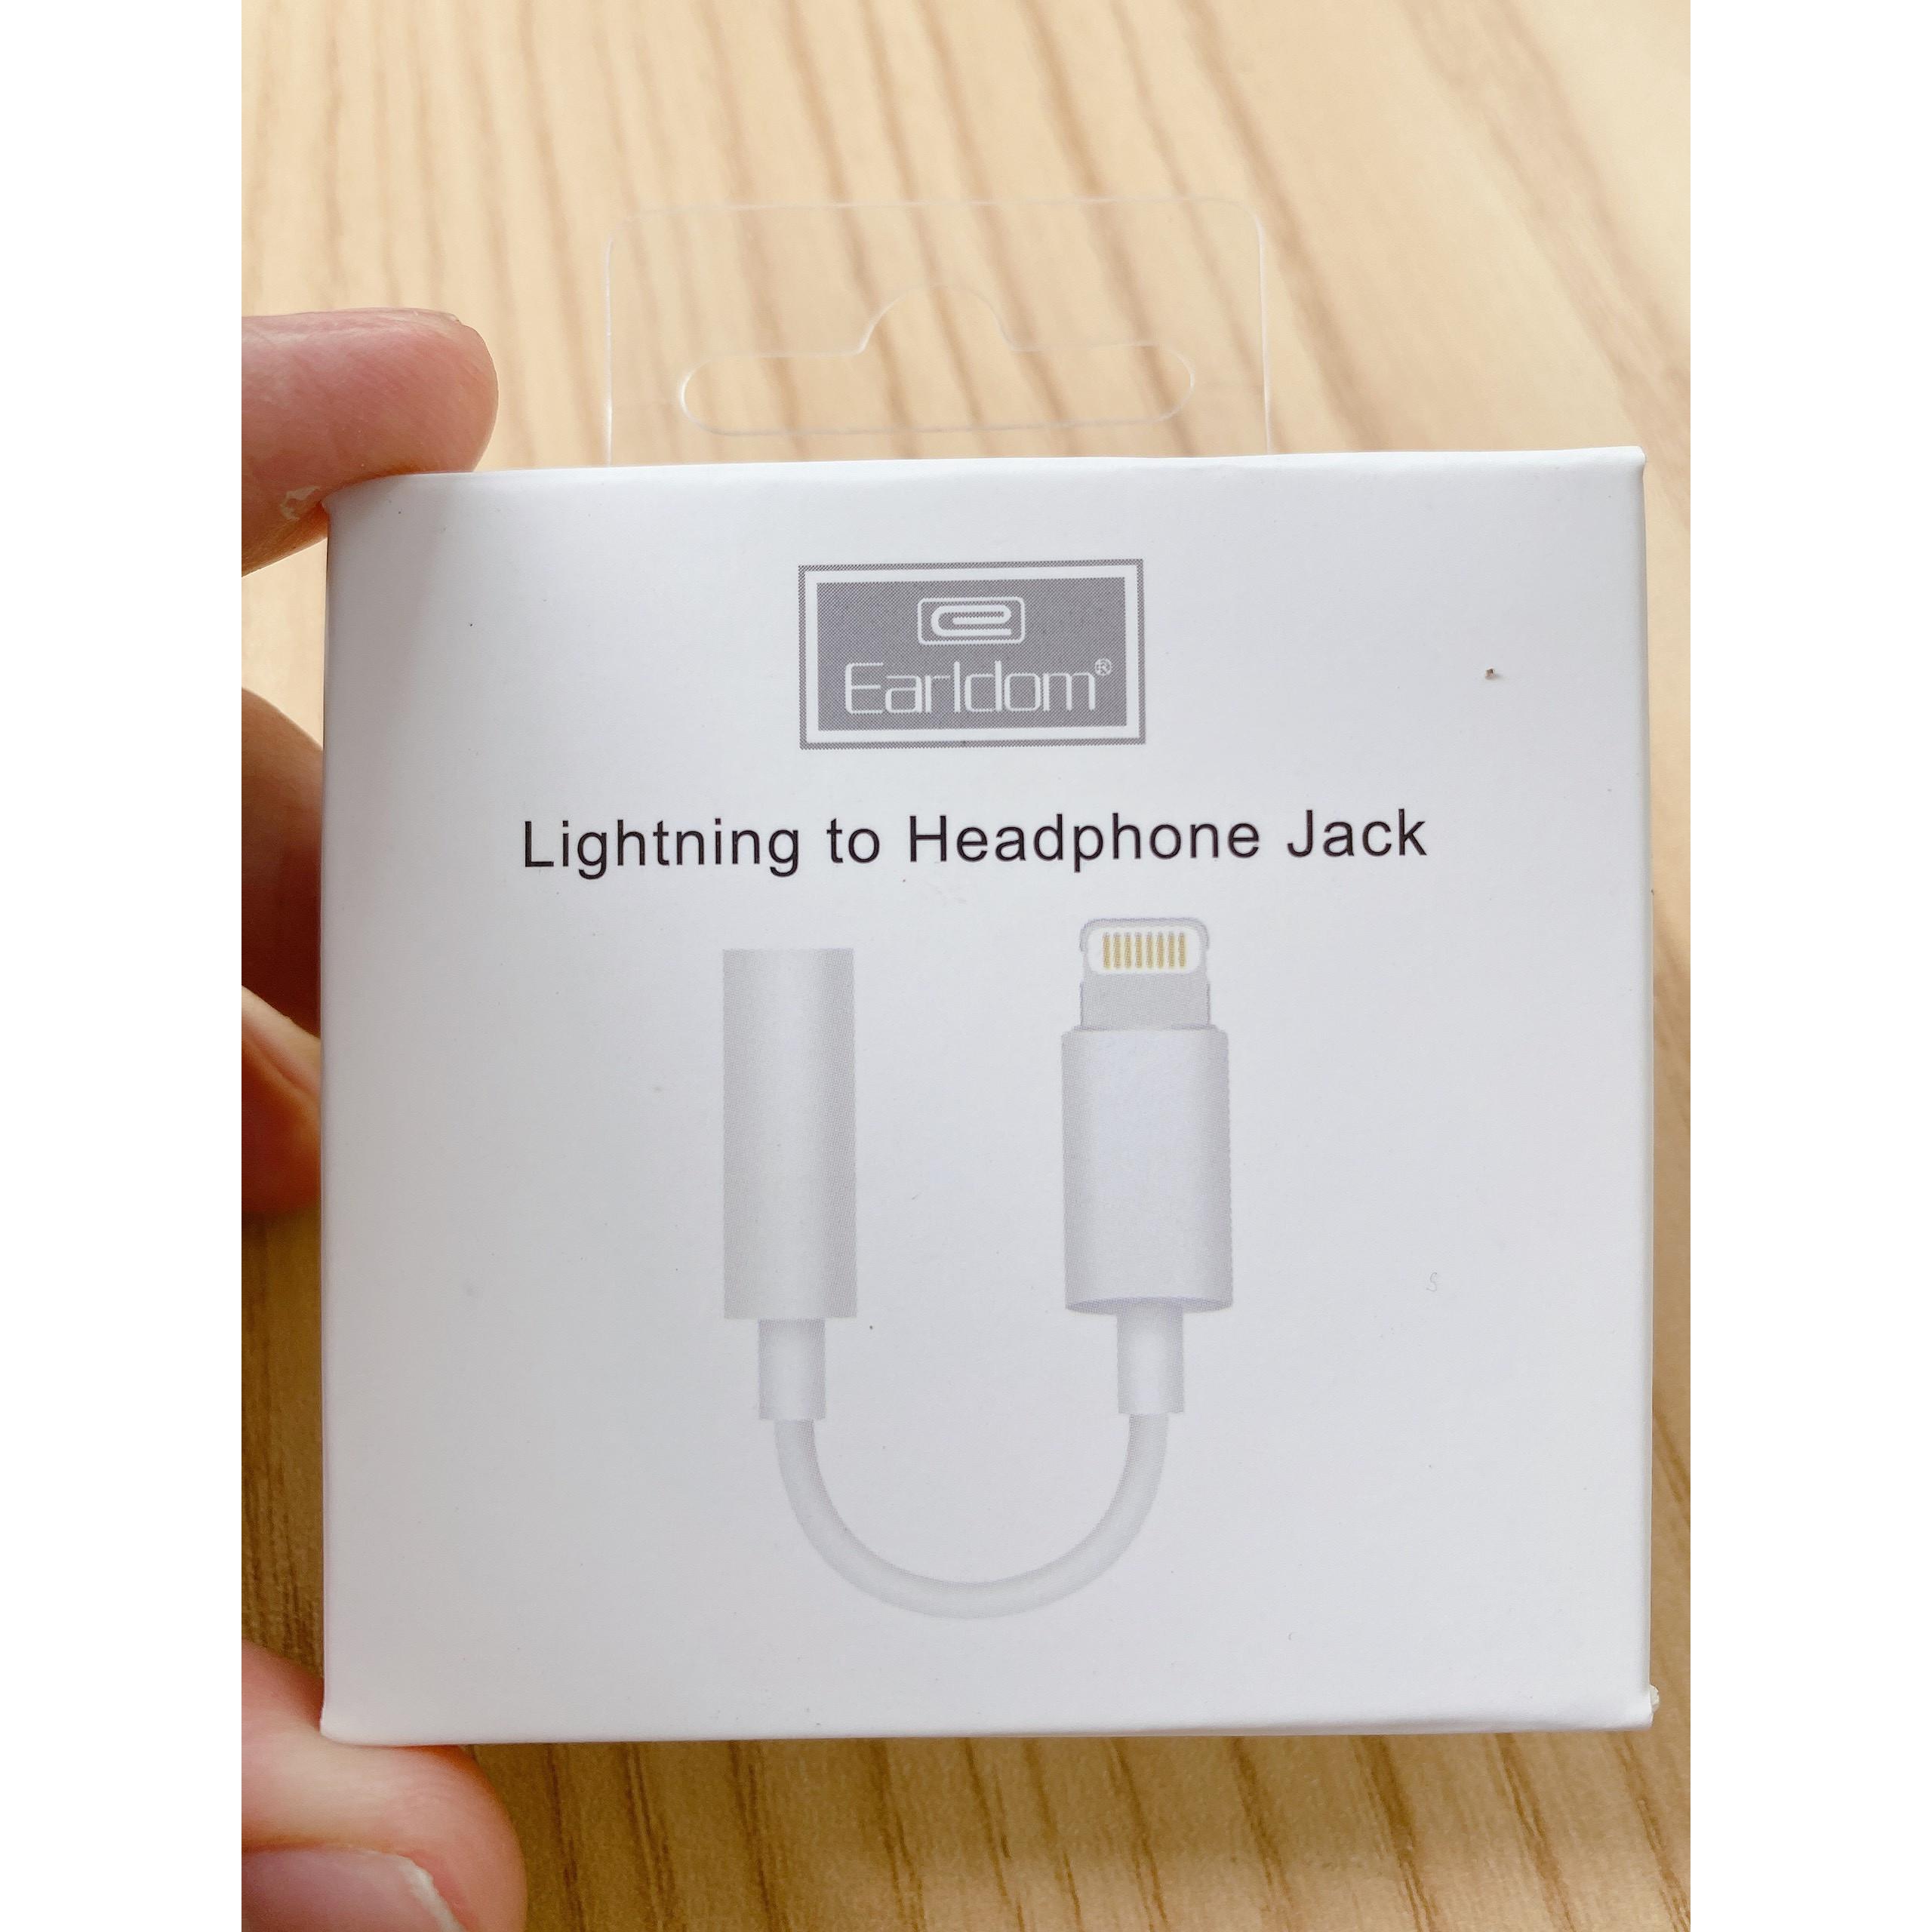 Jack Chuyển Lightning Sang 3.5mm Earldom ET-OT49 ( Kết Nối Bluetooth) hàng chính hãng